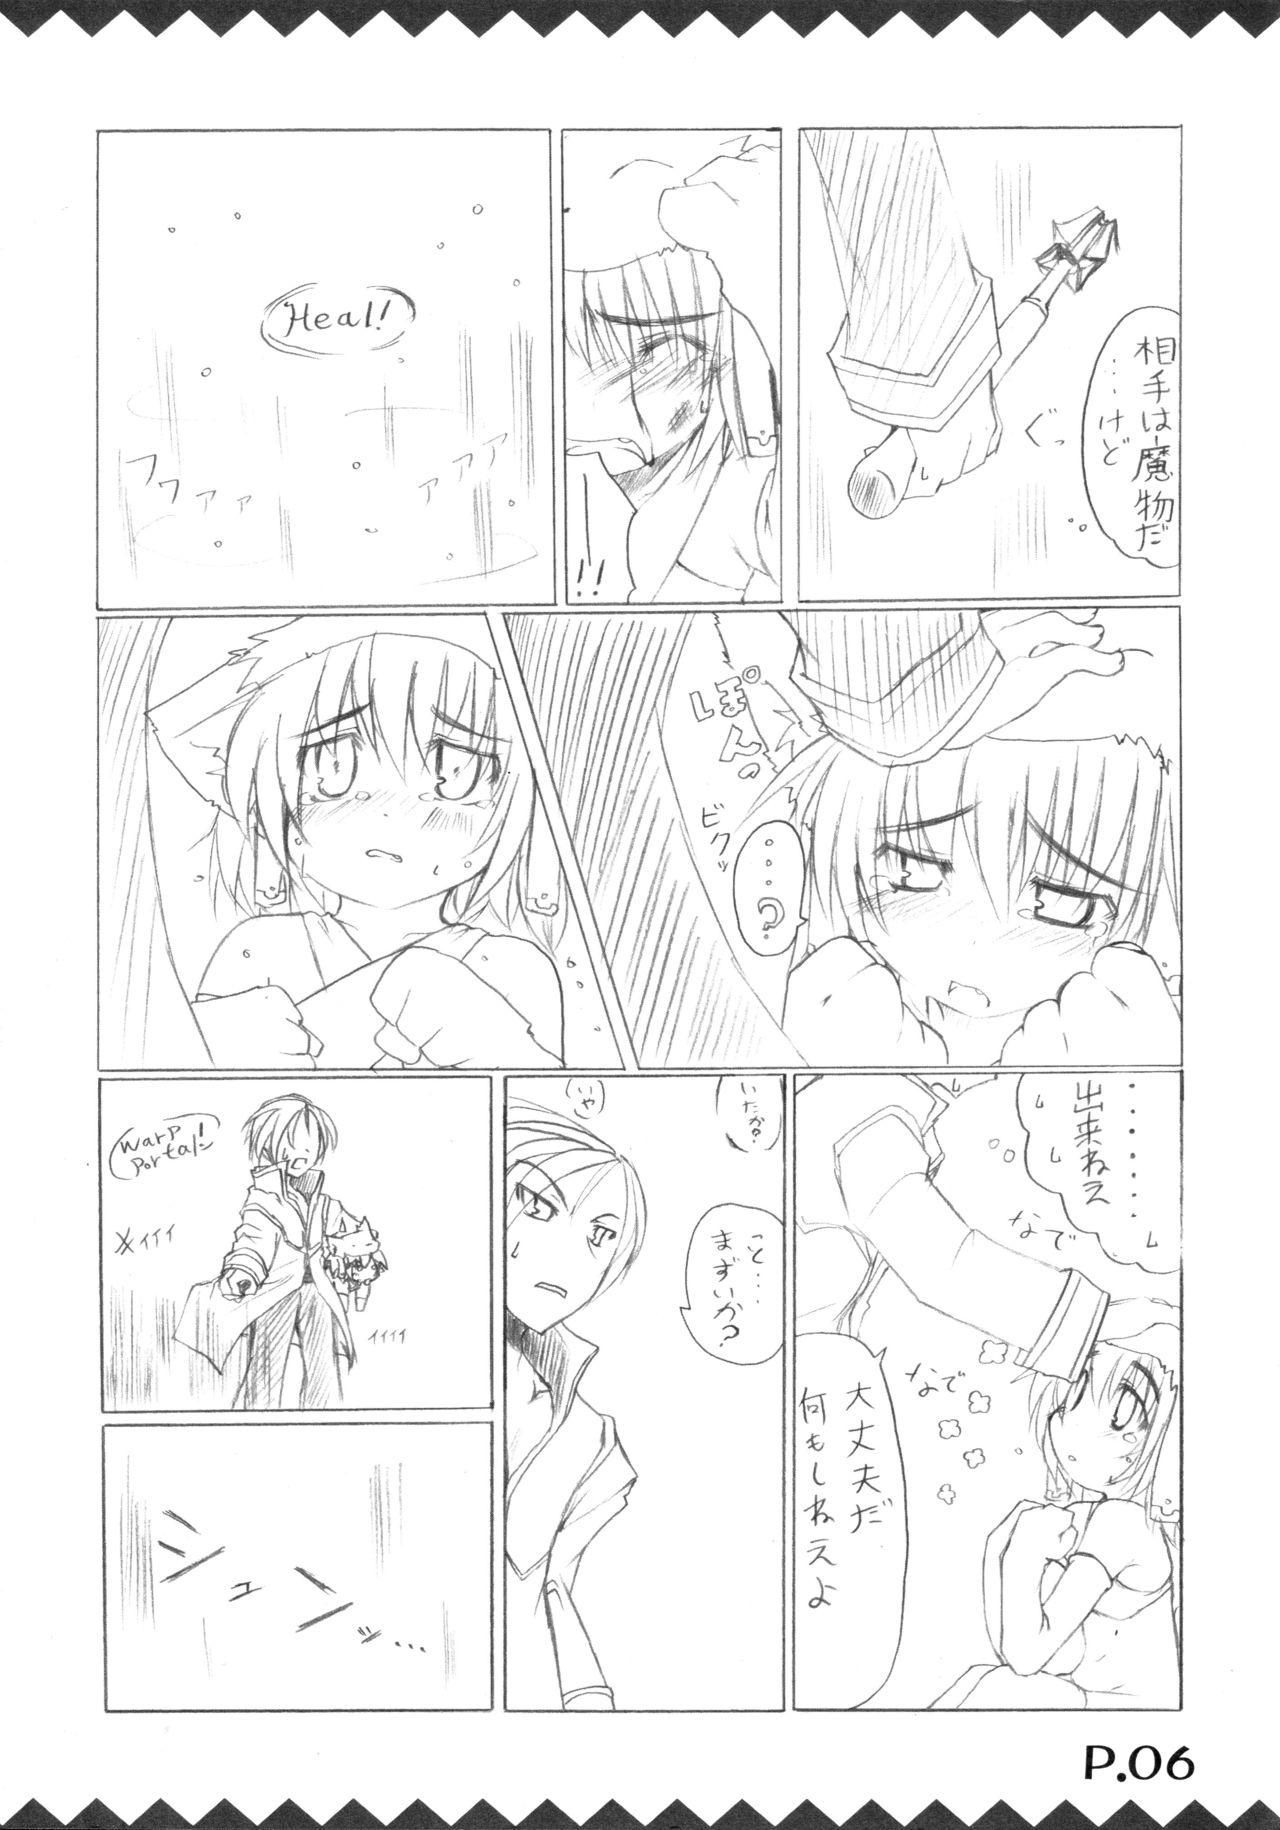 Tsukiyo Hana no Hon 7